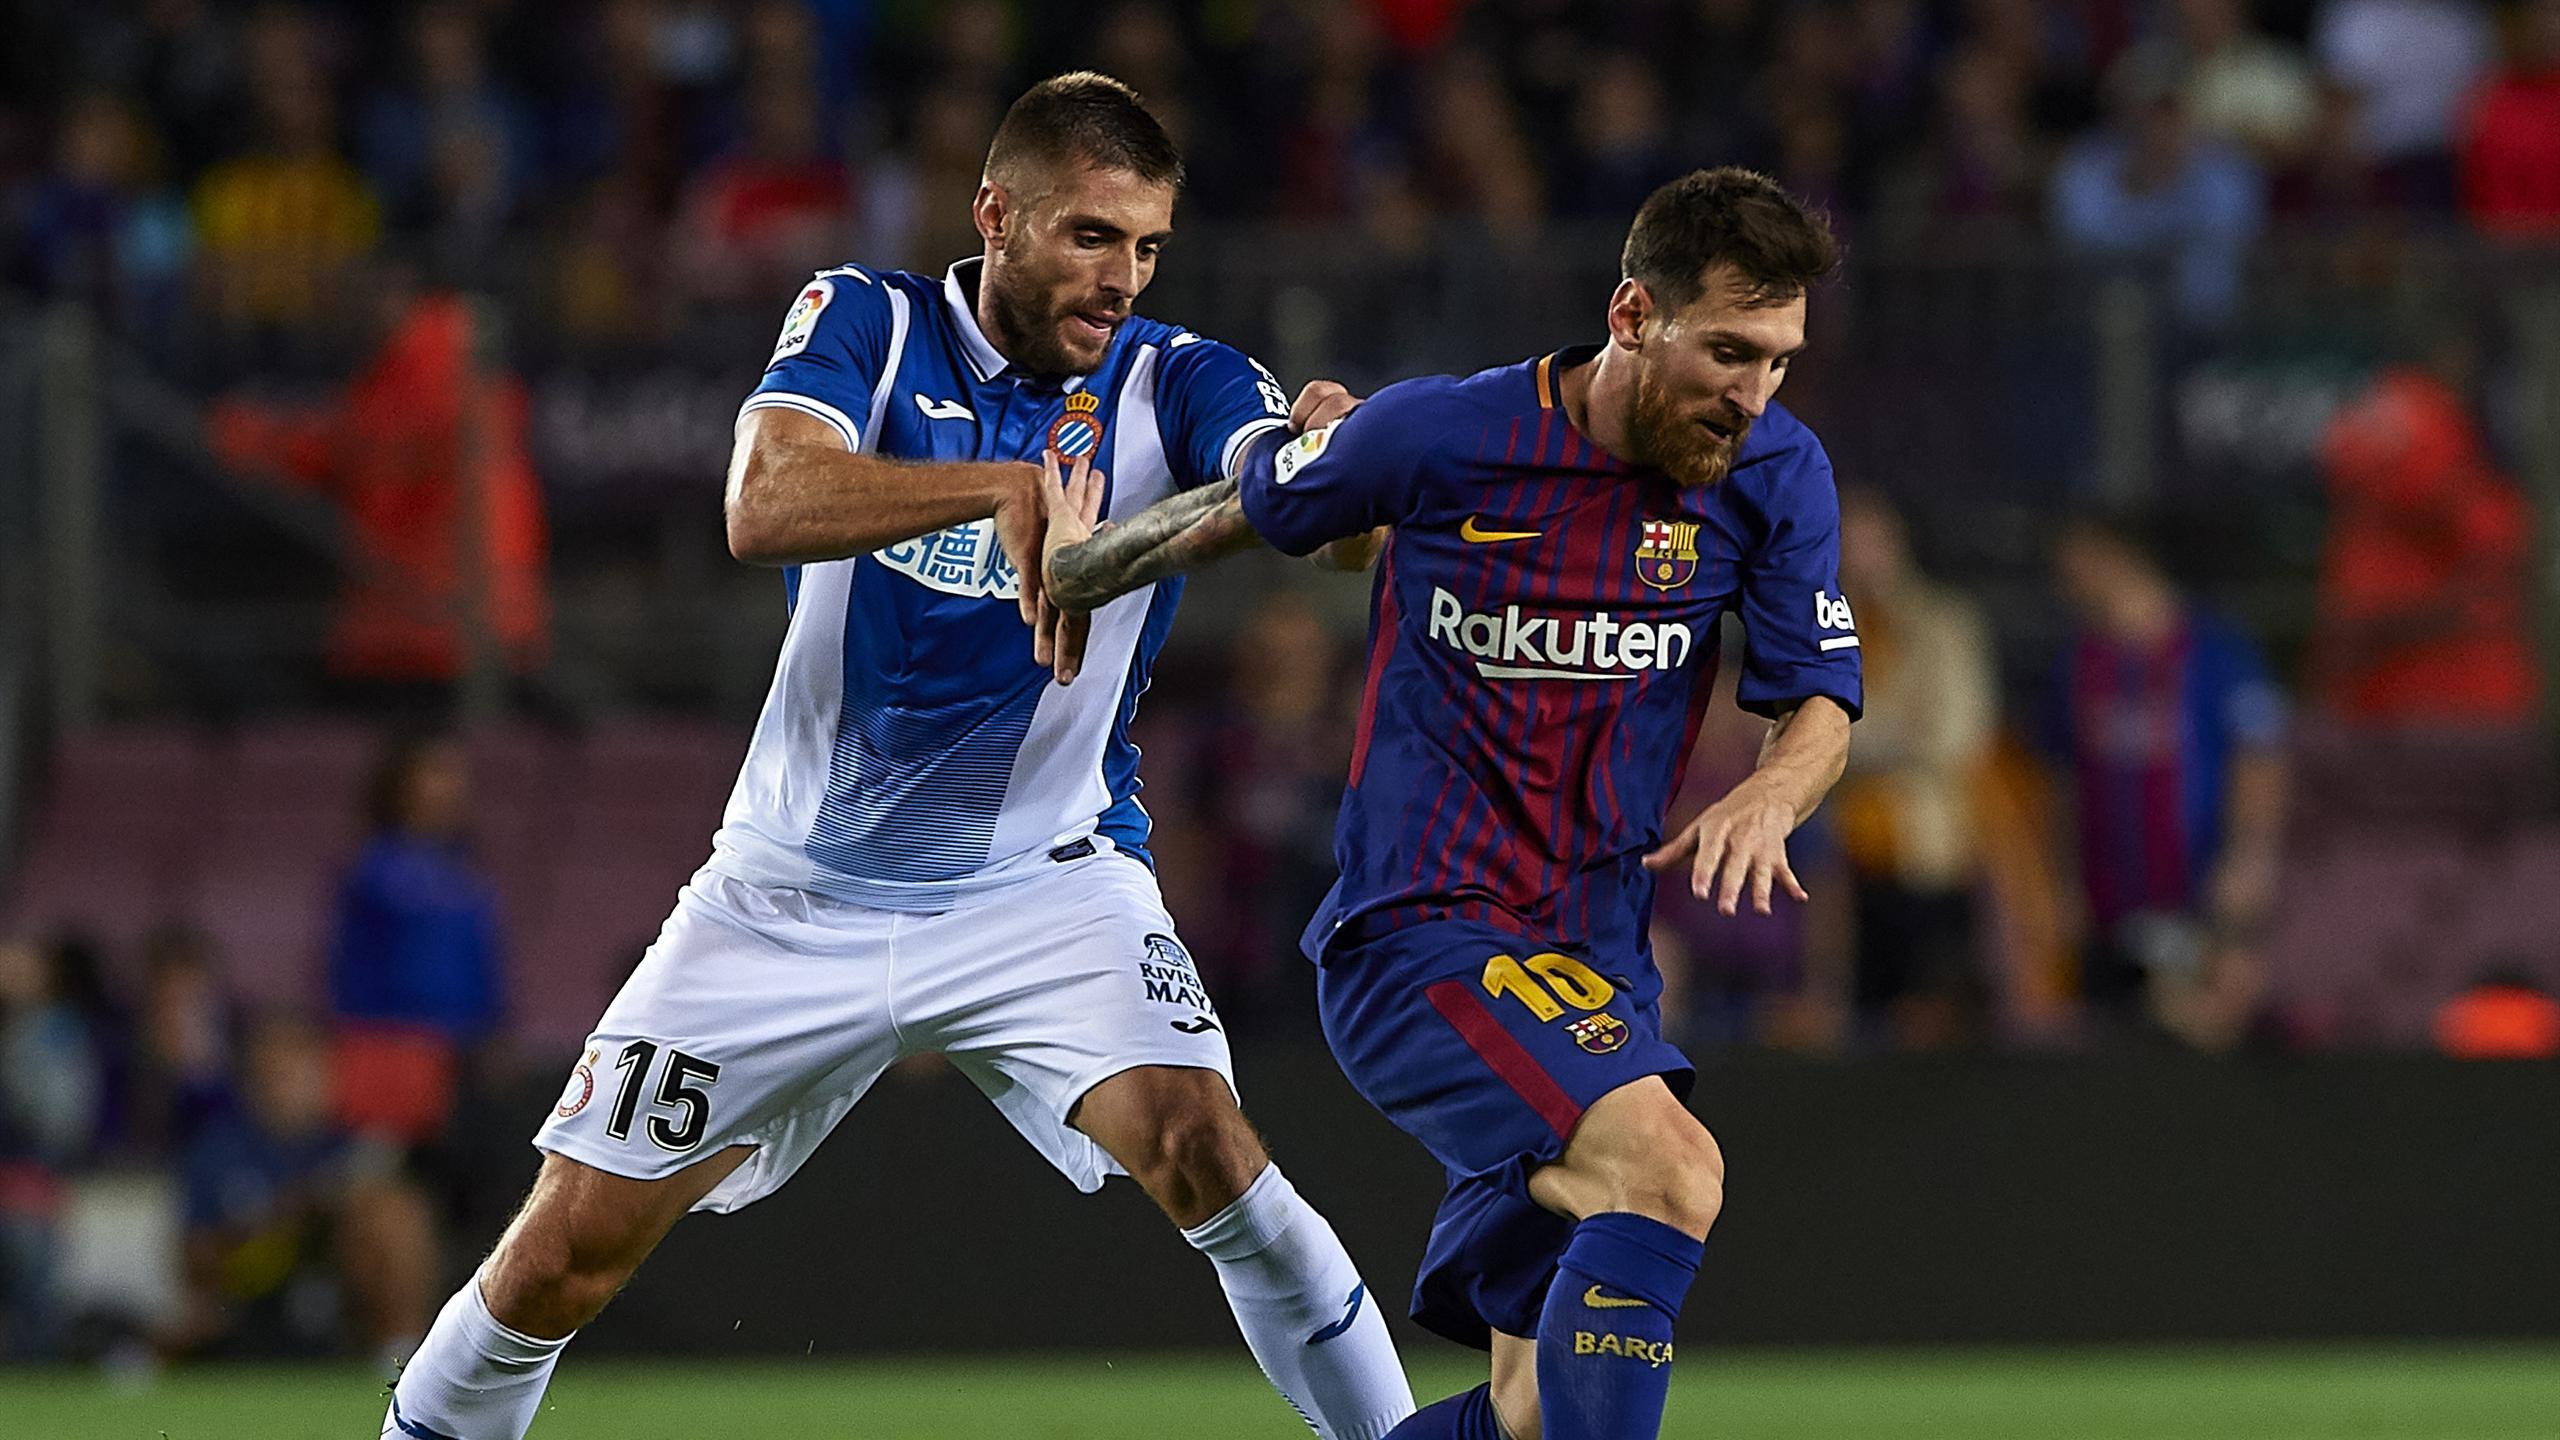 Четвертьфинала кубка испании по футболу